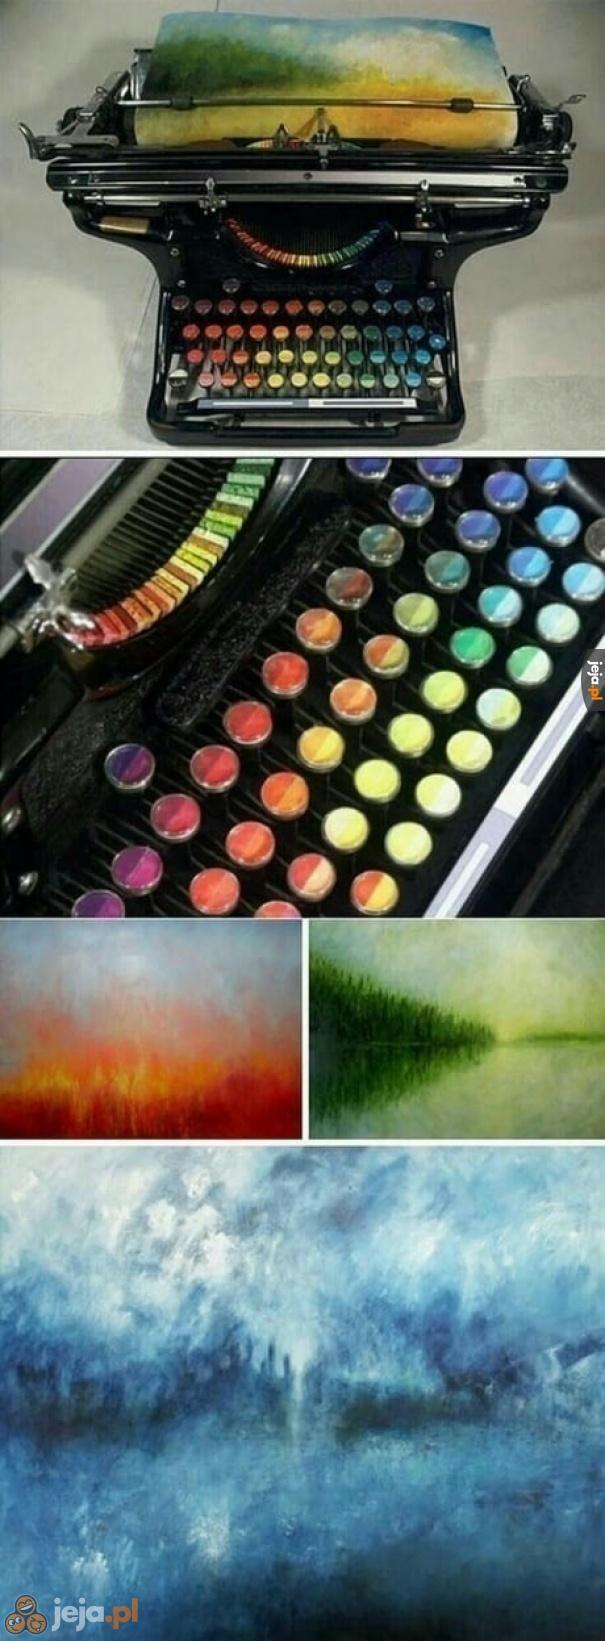 Malowanie na maszynie